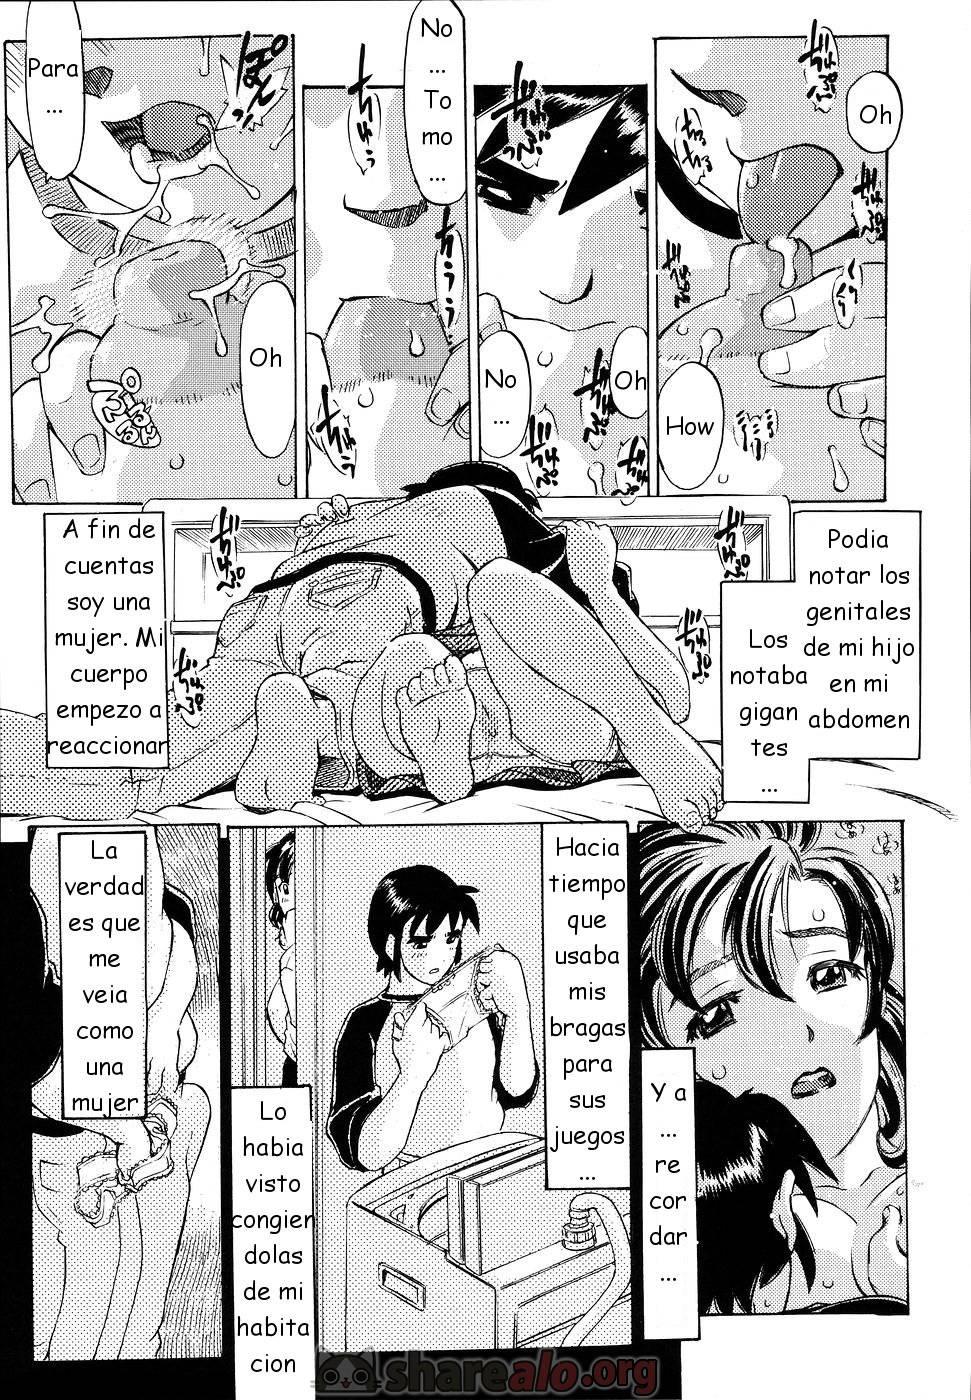 [ Inshoku no Kizuna Manga Hentai ]: Comics Porno Manga Hentai [ 41Yh6YRh ]